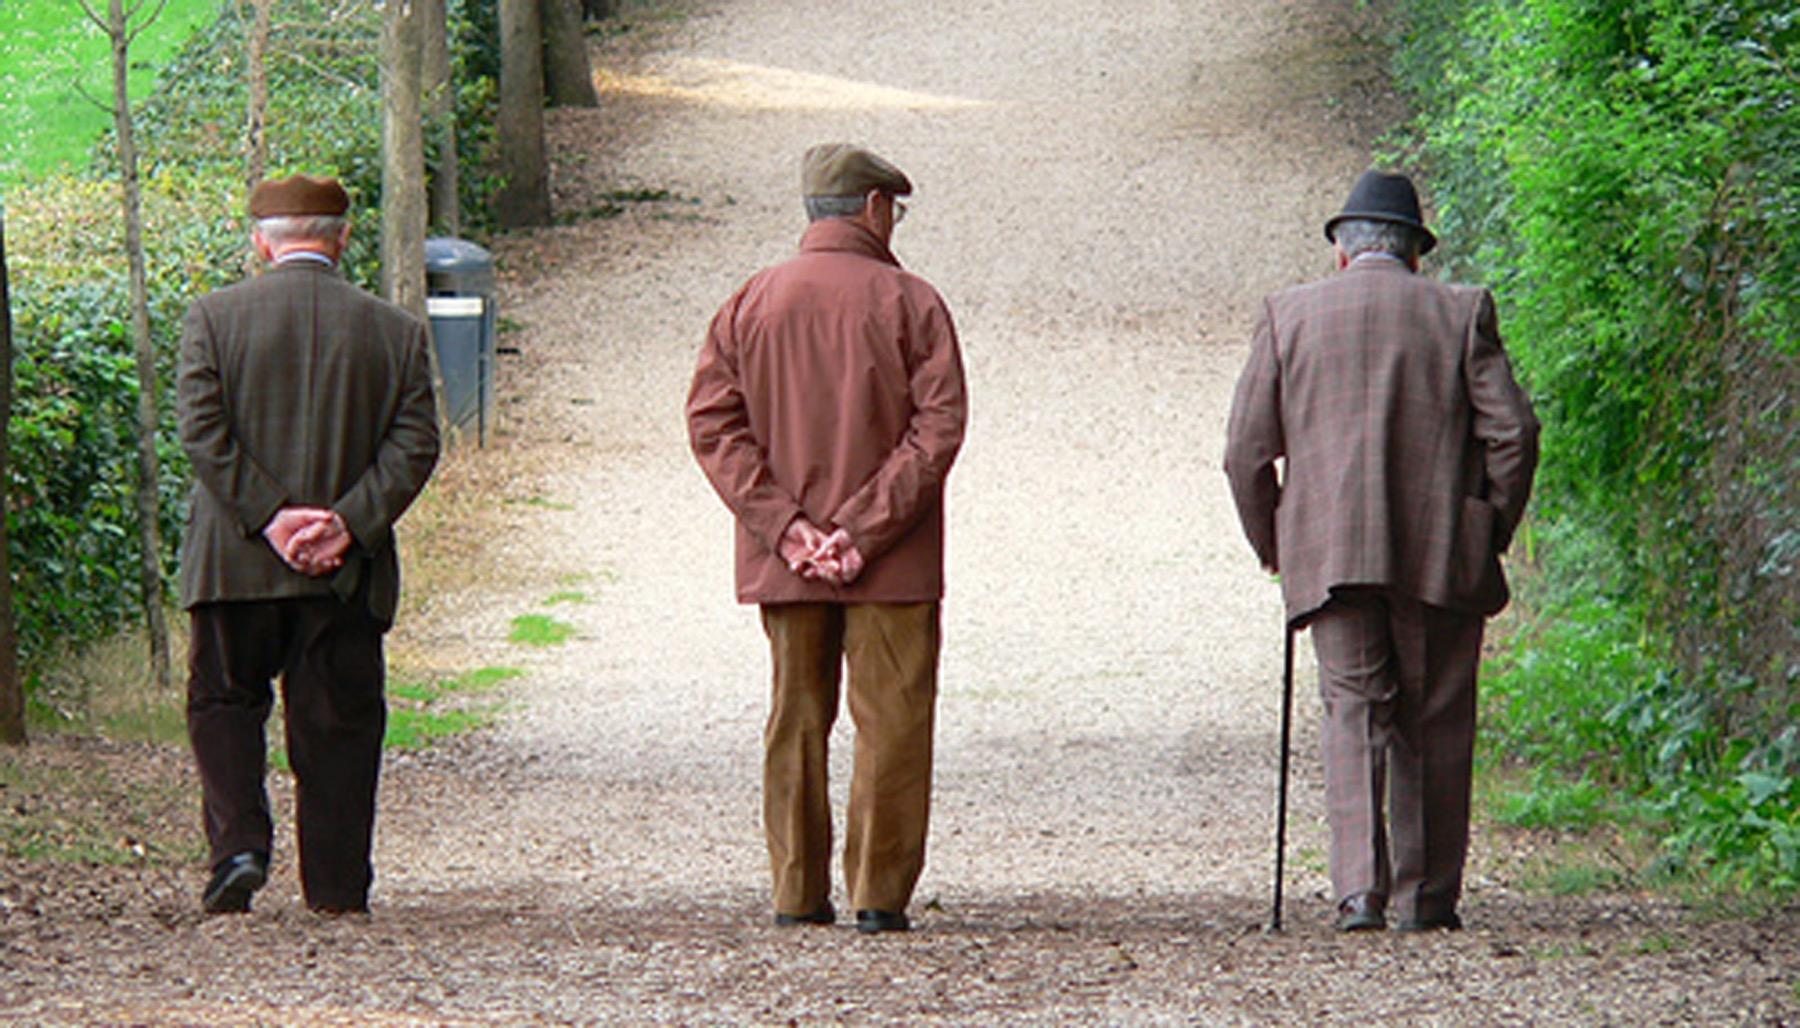 Forse non tutti sanno che per anticipare la pensione…